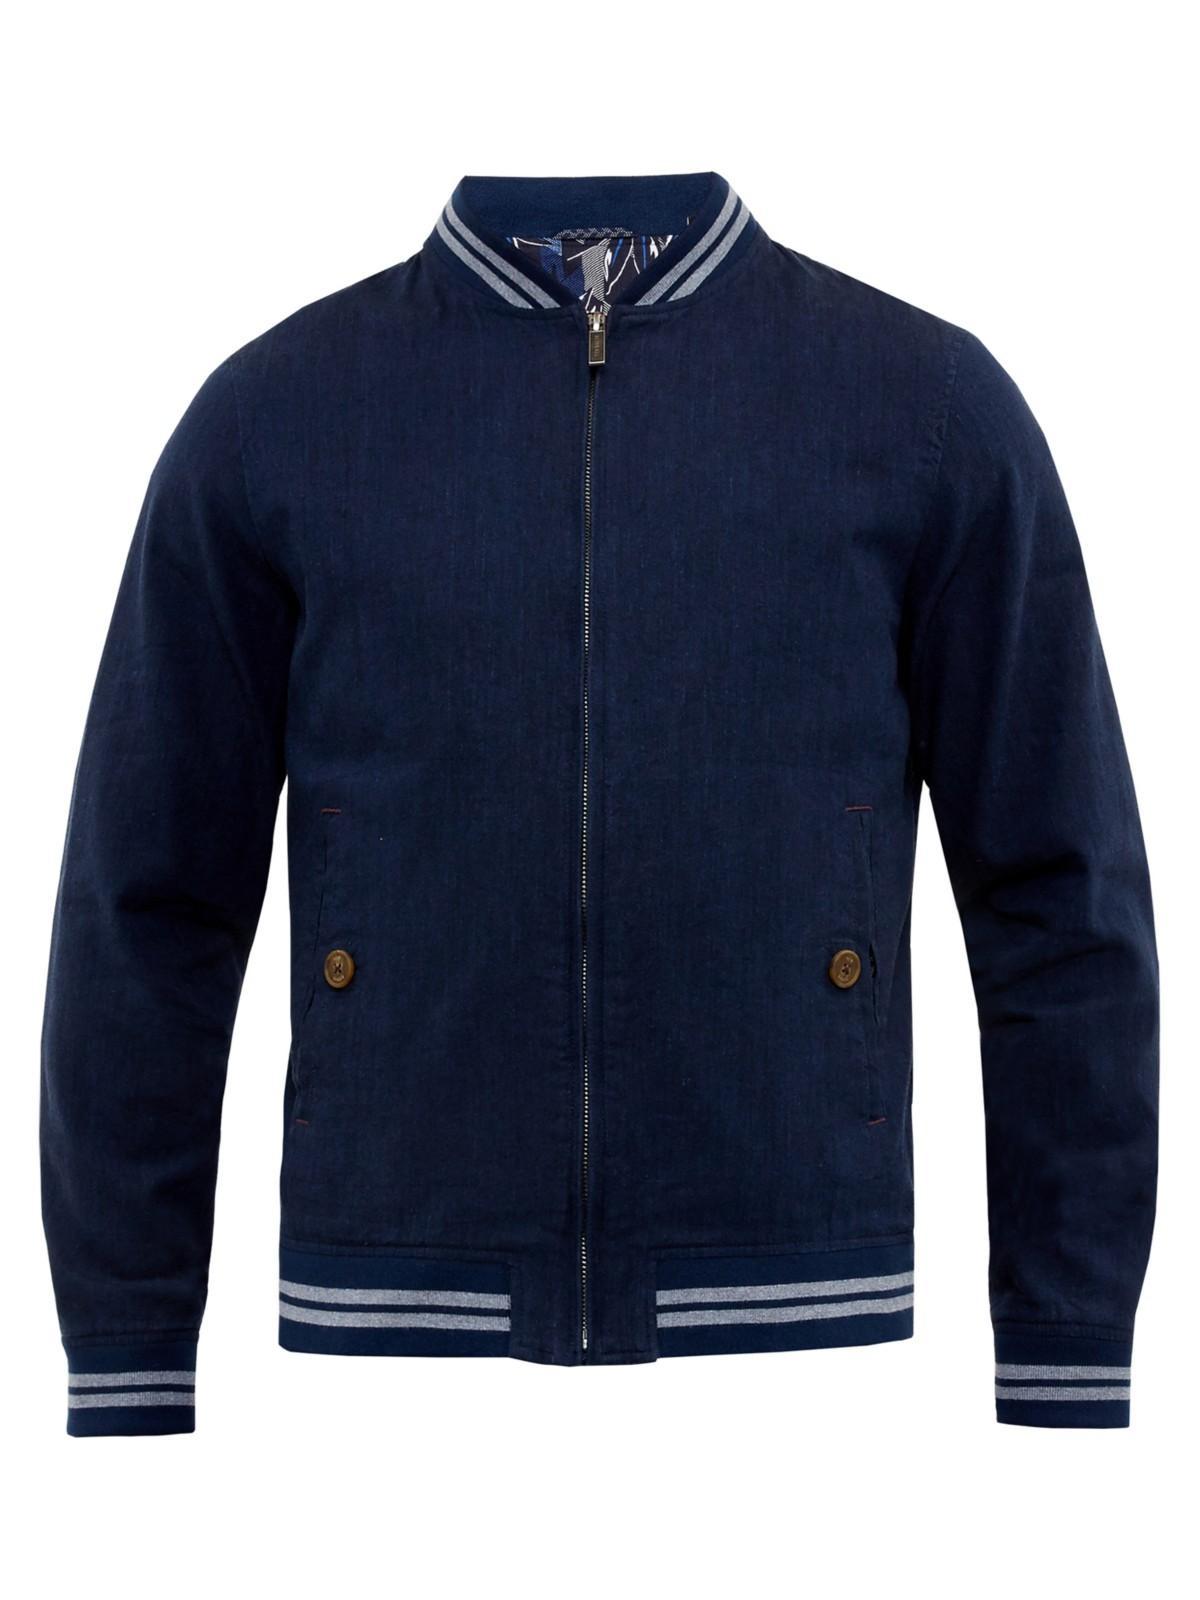 Ted Baker New York Linen Blend Bomber Jacket in Navy (Blue) for Men